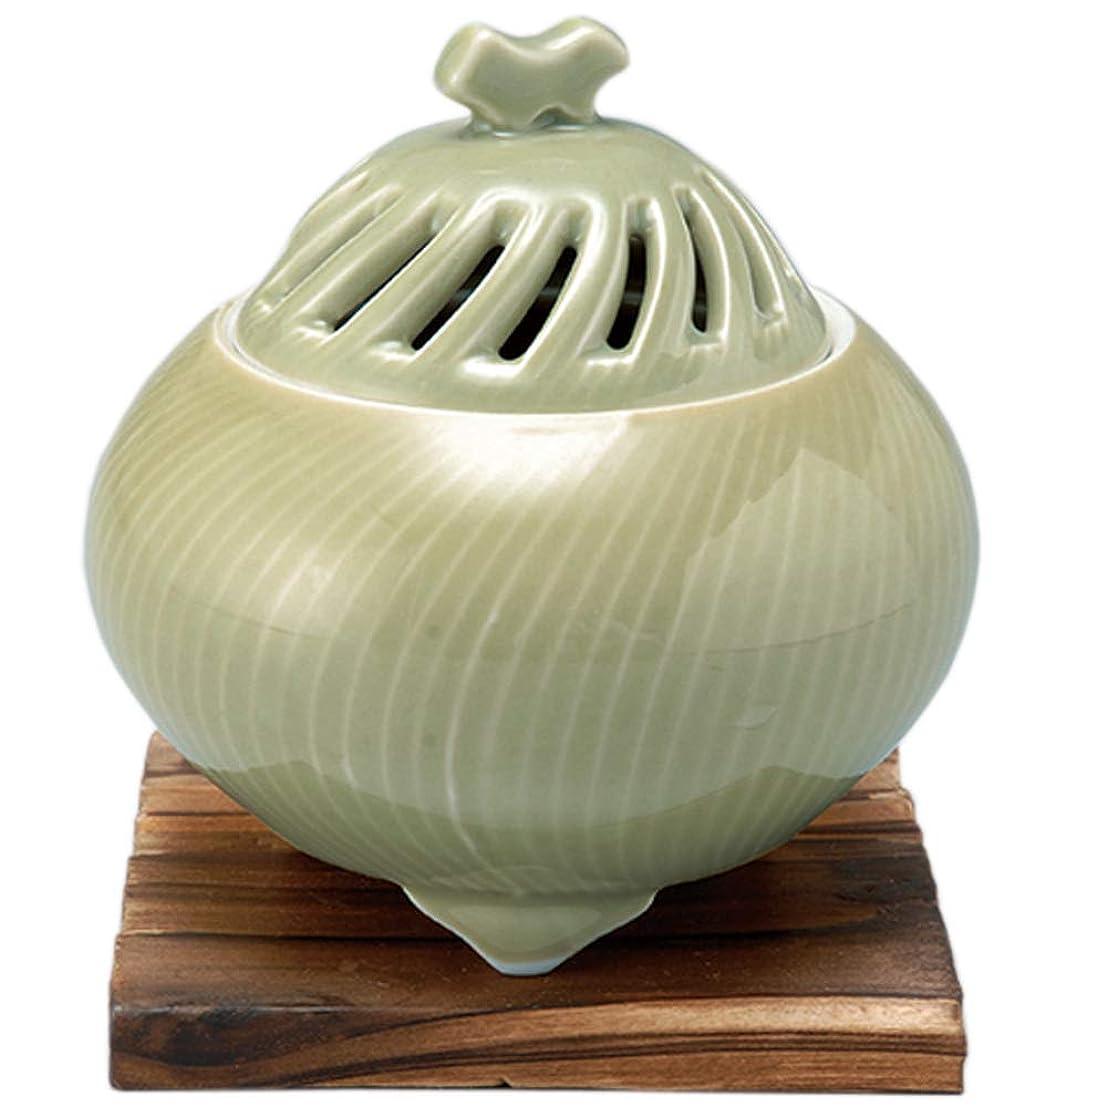 責任ダウン前方へ香炉 鶯透し 丸型香炉 [R11xH11.3cm] プレゼント ギフト 和食器 かわいい インテリア